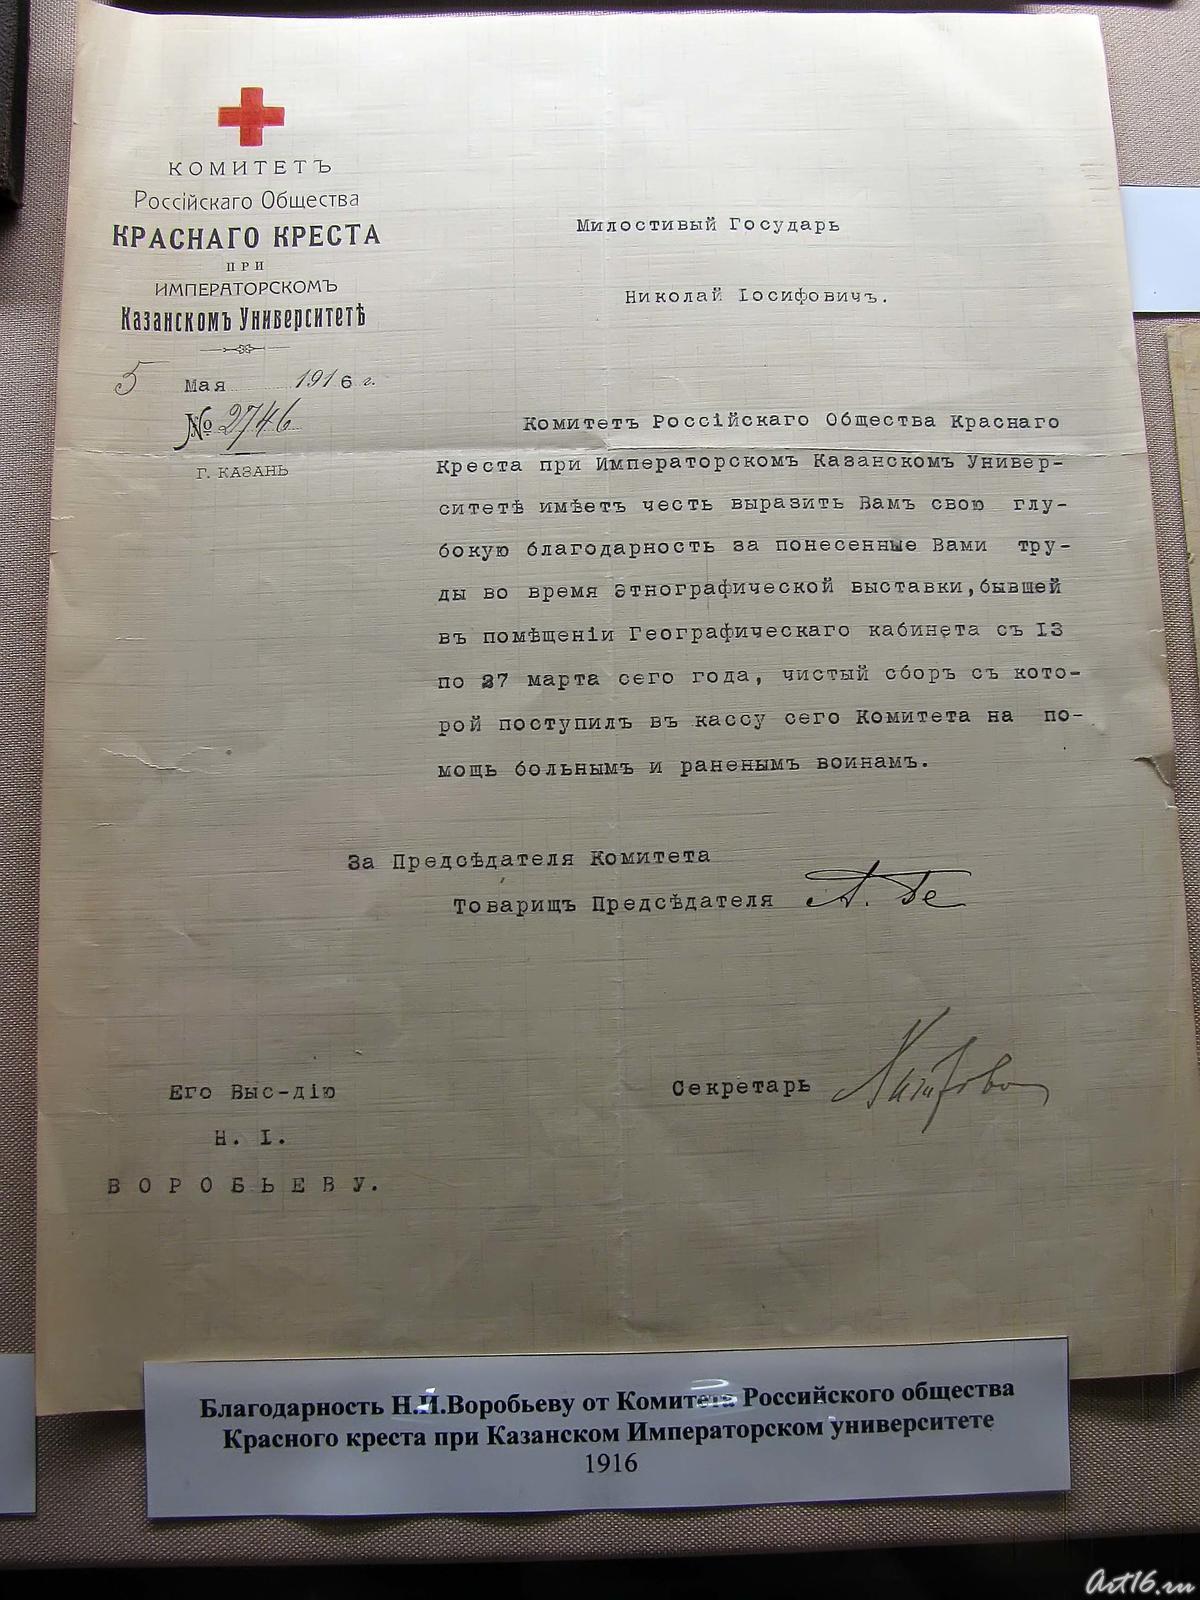 Фото №39874. Благодарность Н.И. Воробьеву от КомитетаРоссийского общества Красного креста. 1916